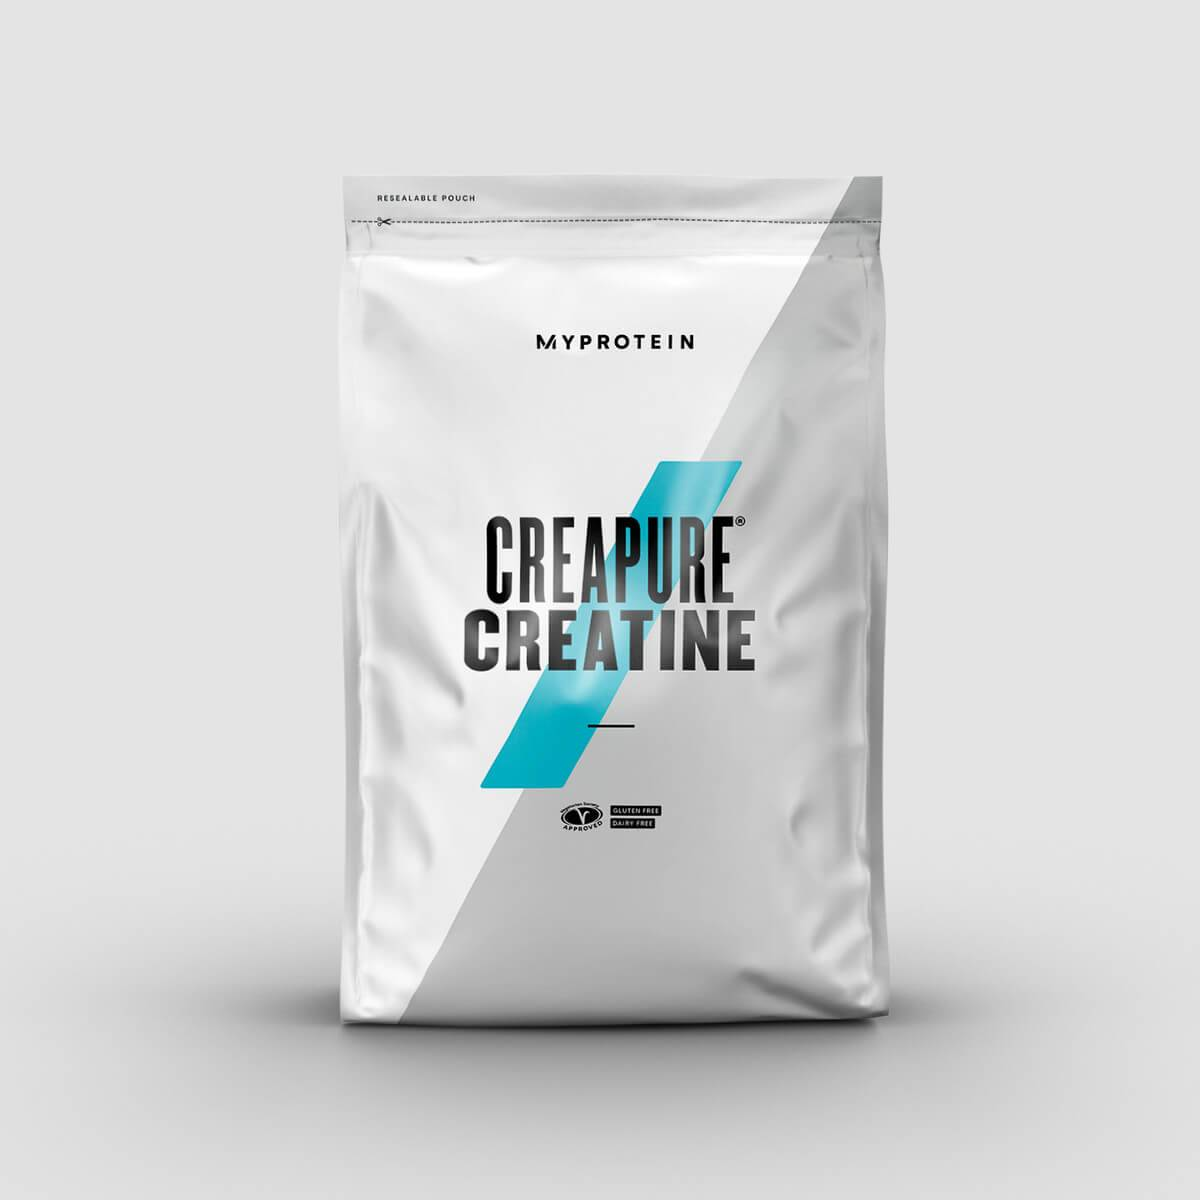 Myprotein Creapure® Creatine Powder - 500g - Blue Raspberry